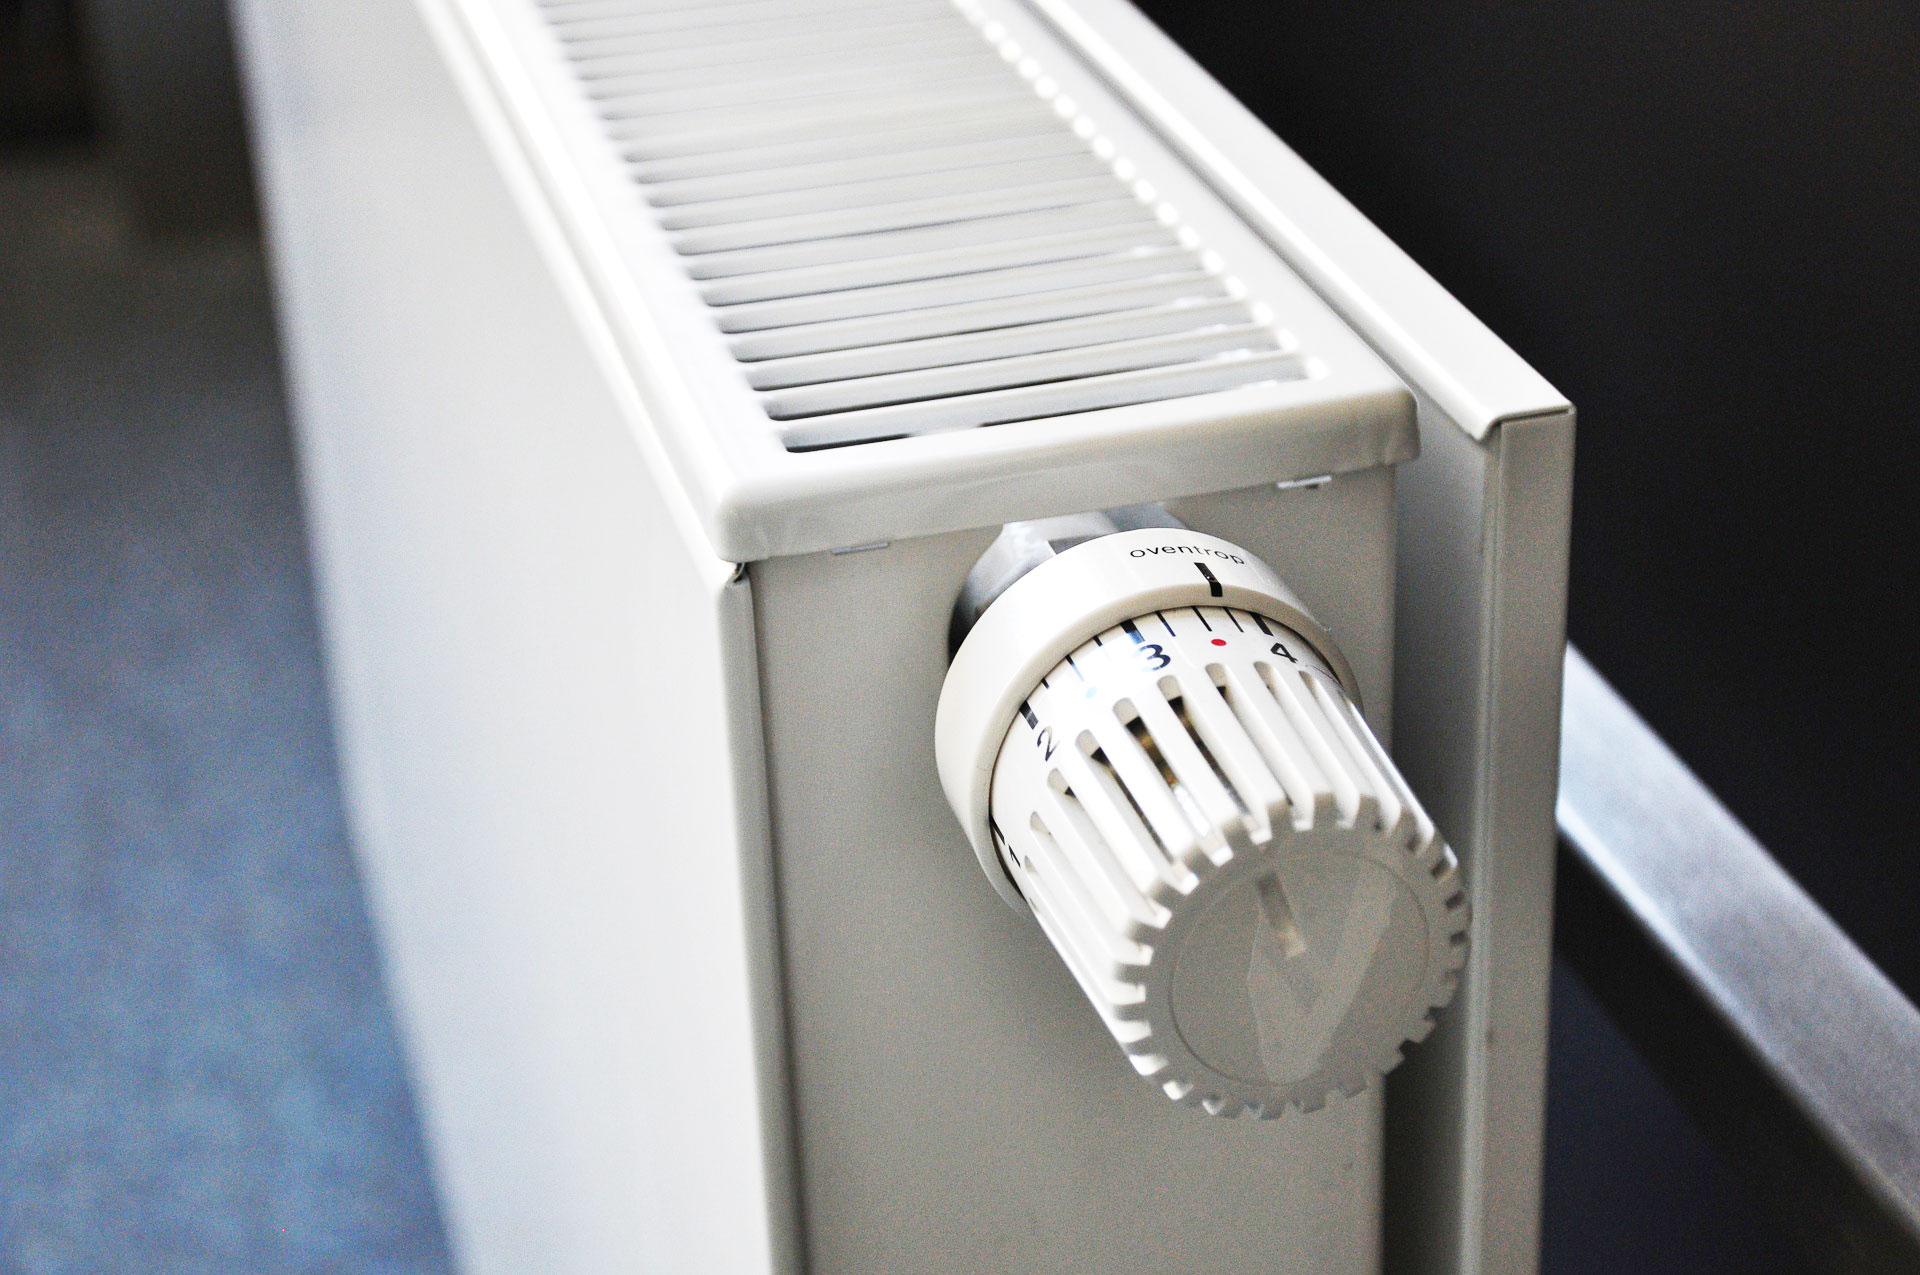 Scendono le temperature e si alzano i consumi: come risparmiare sul riscaldamento in inverno